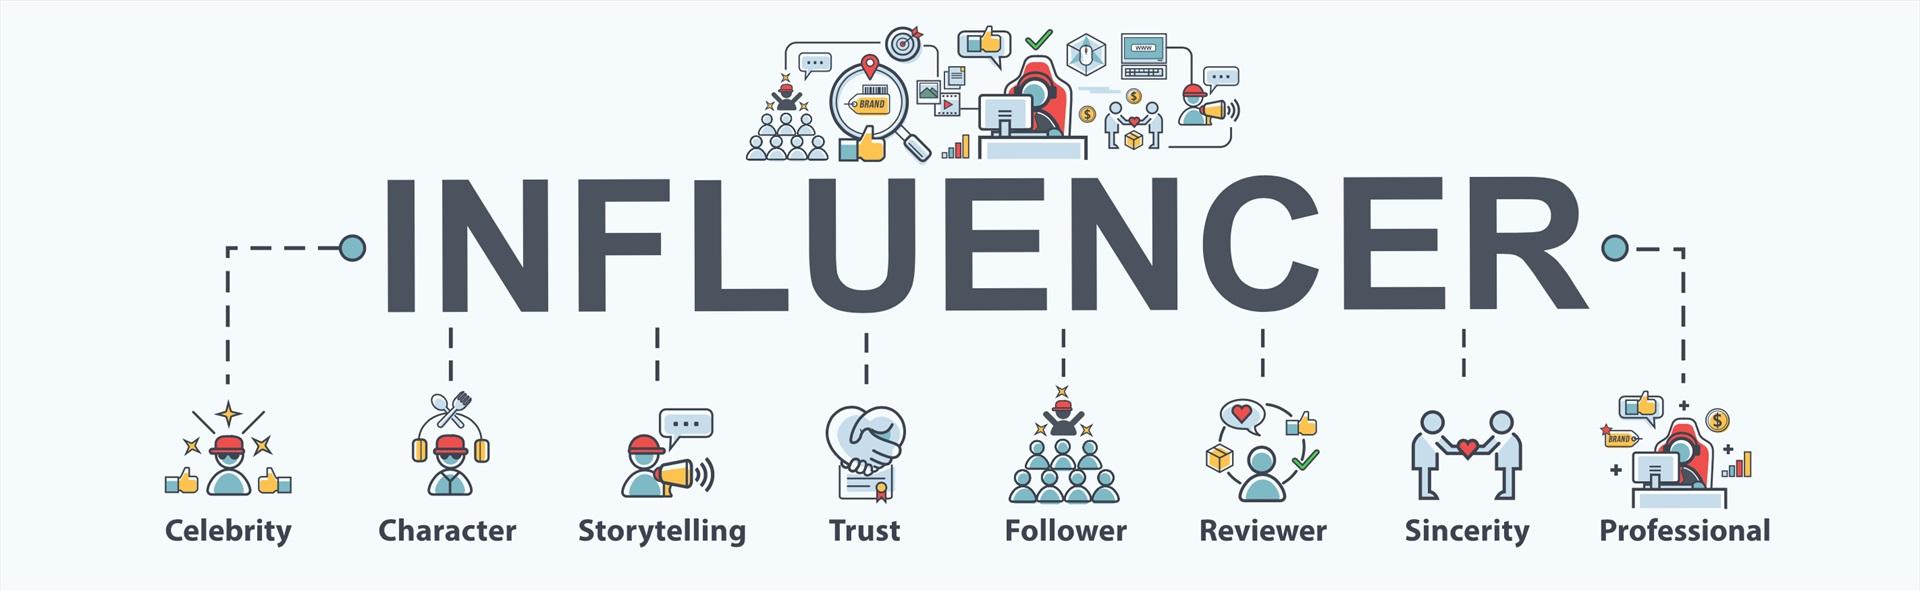 Influencer e social network hanno cambiato il modo di curare la brand reputation